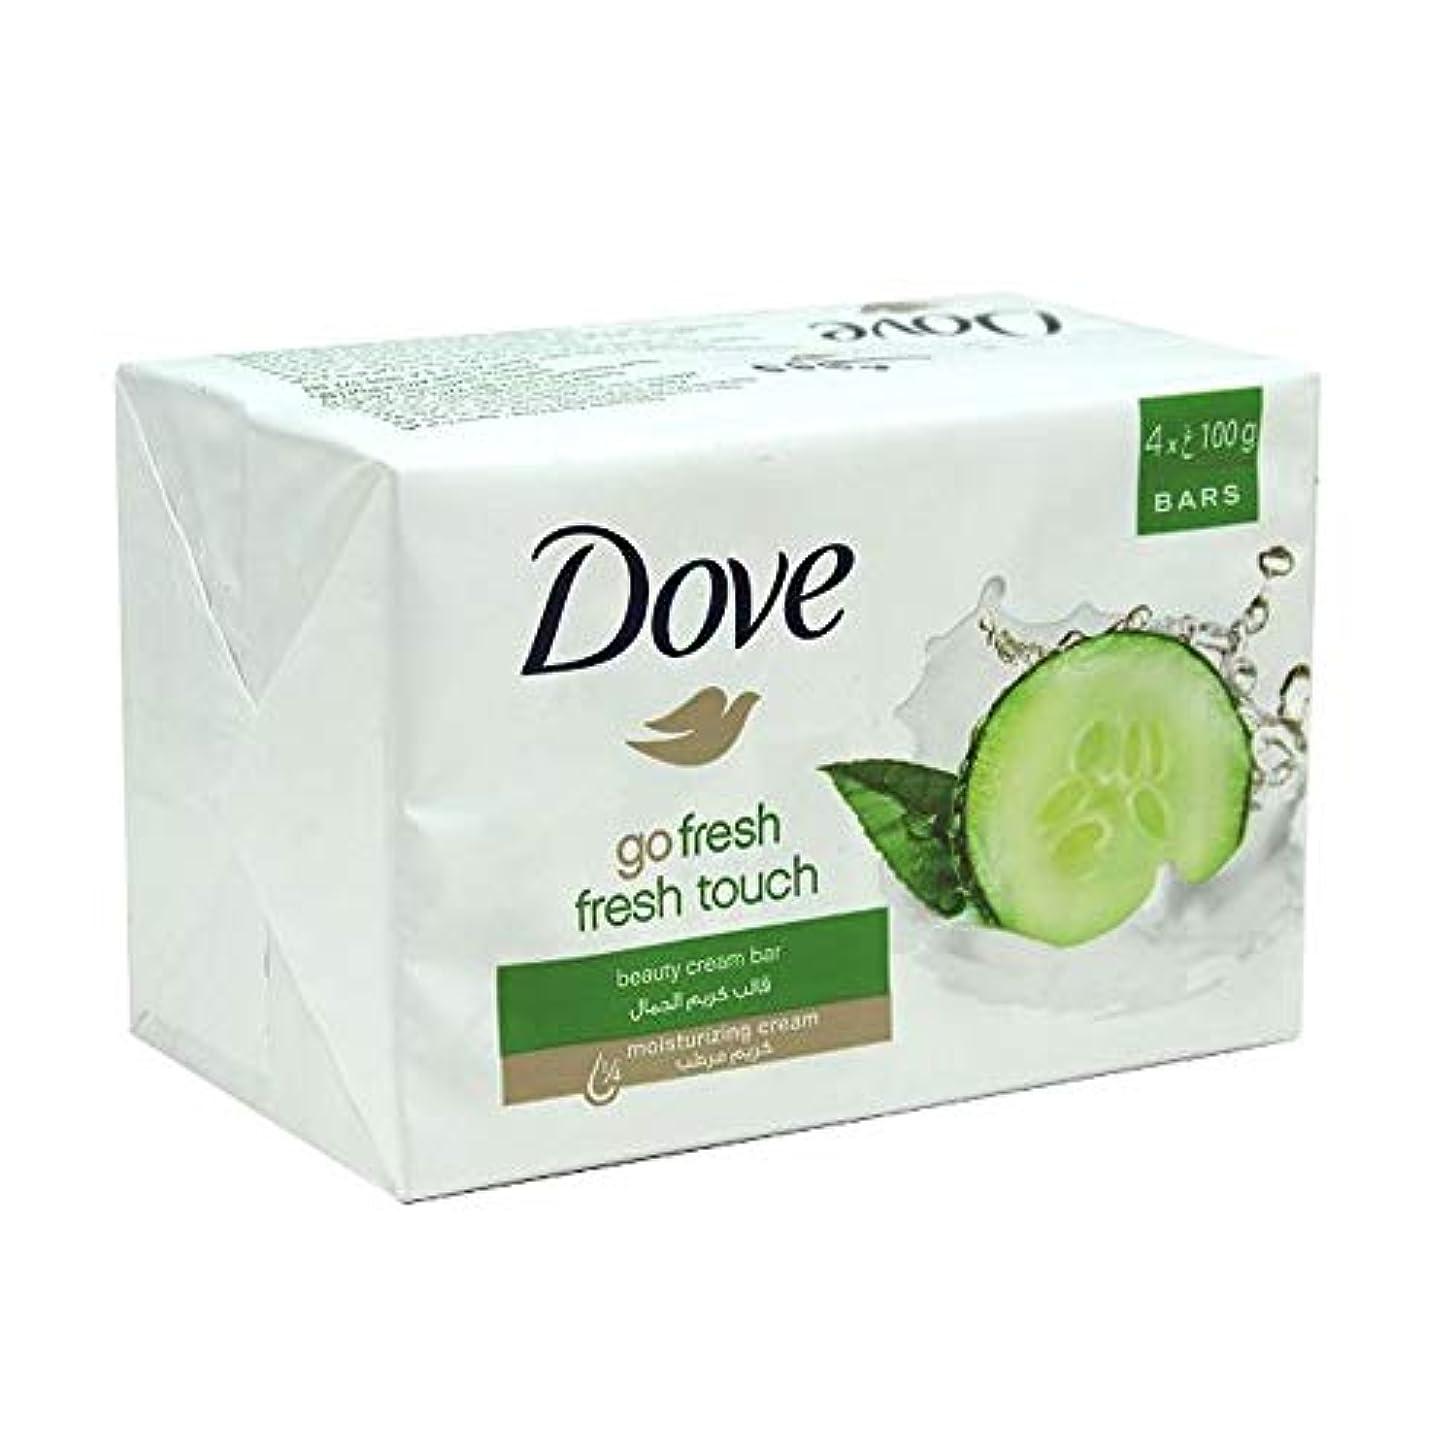 カンガルー神経衰弱彼らGo Fresh Fresh Touch with Cucumber & Green Tea Scent